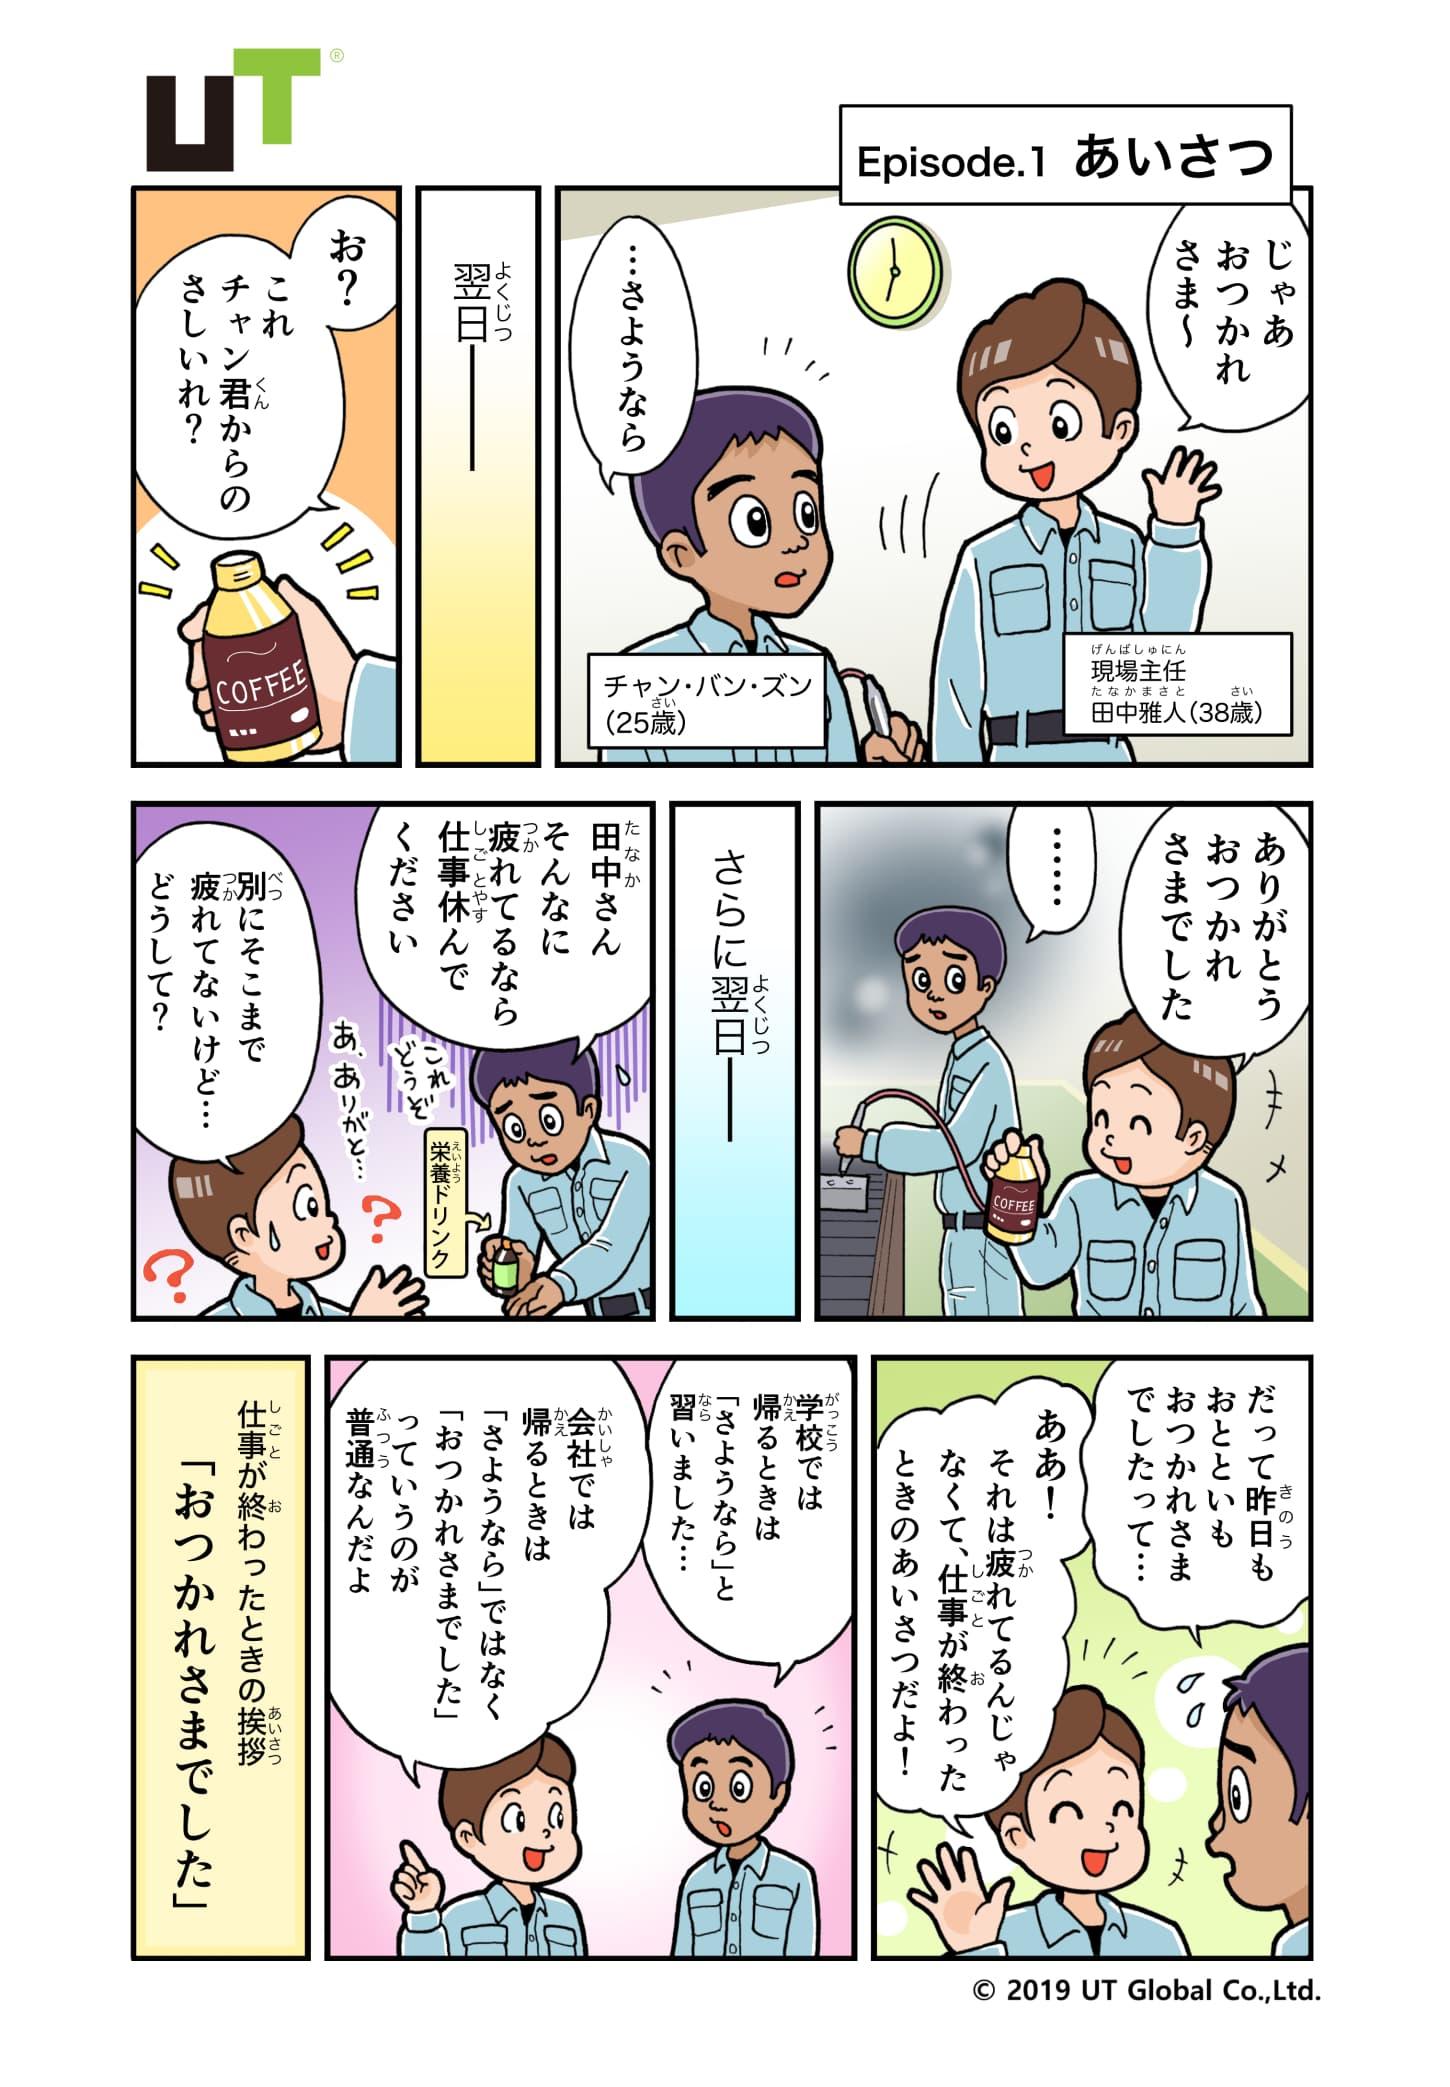 日本語と文化が学べる 社内向け研修マンガ掲載サンプル1